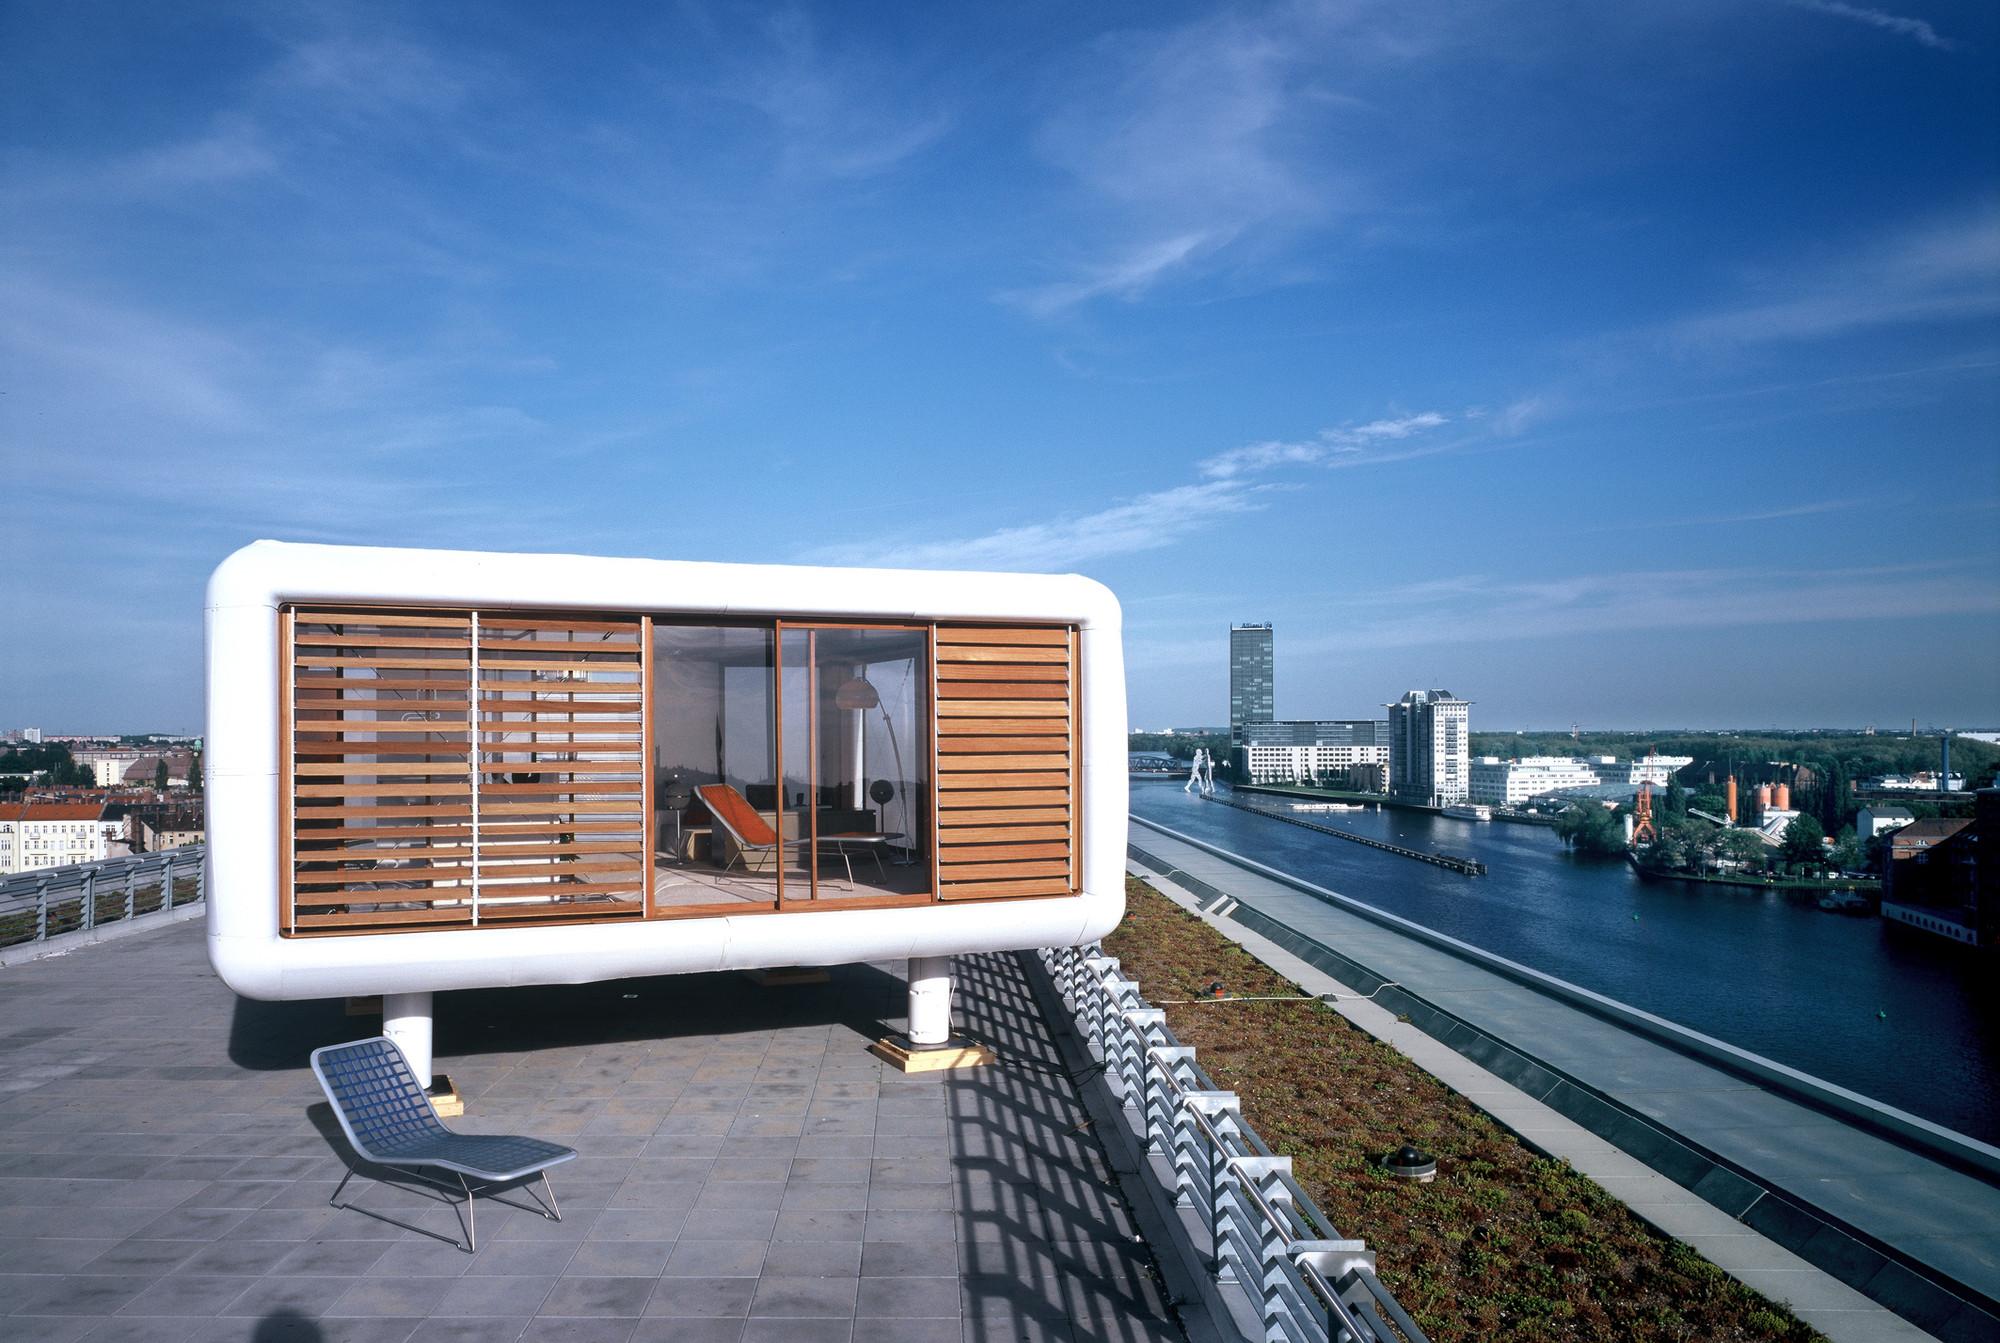 """Movimiento """"Tiny House"""": ¿es más sustentable vivir a pequeña escala?"""